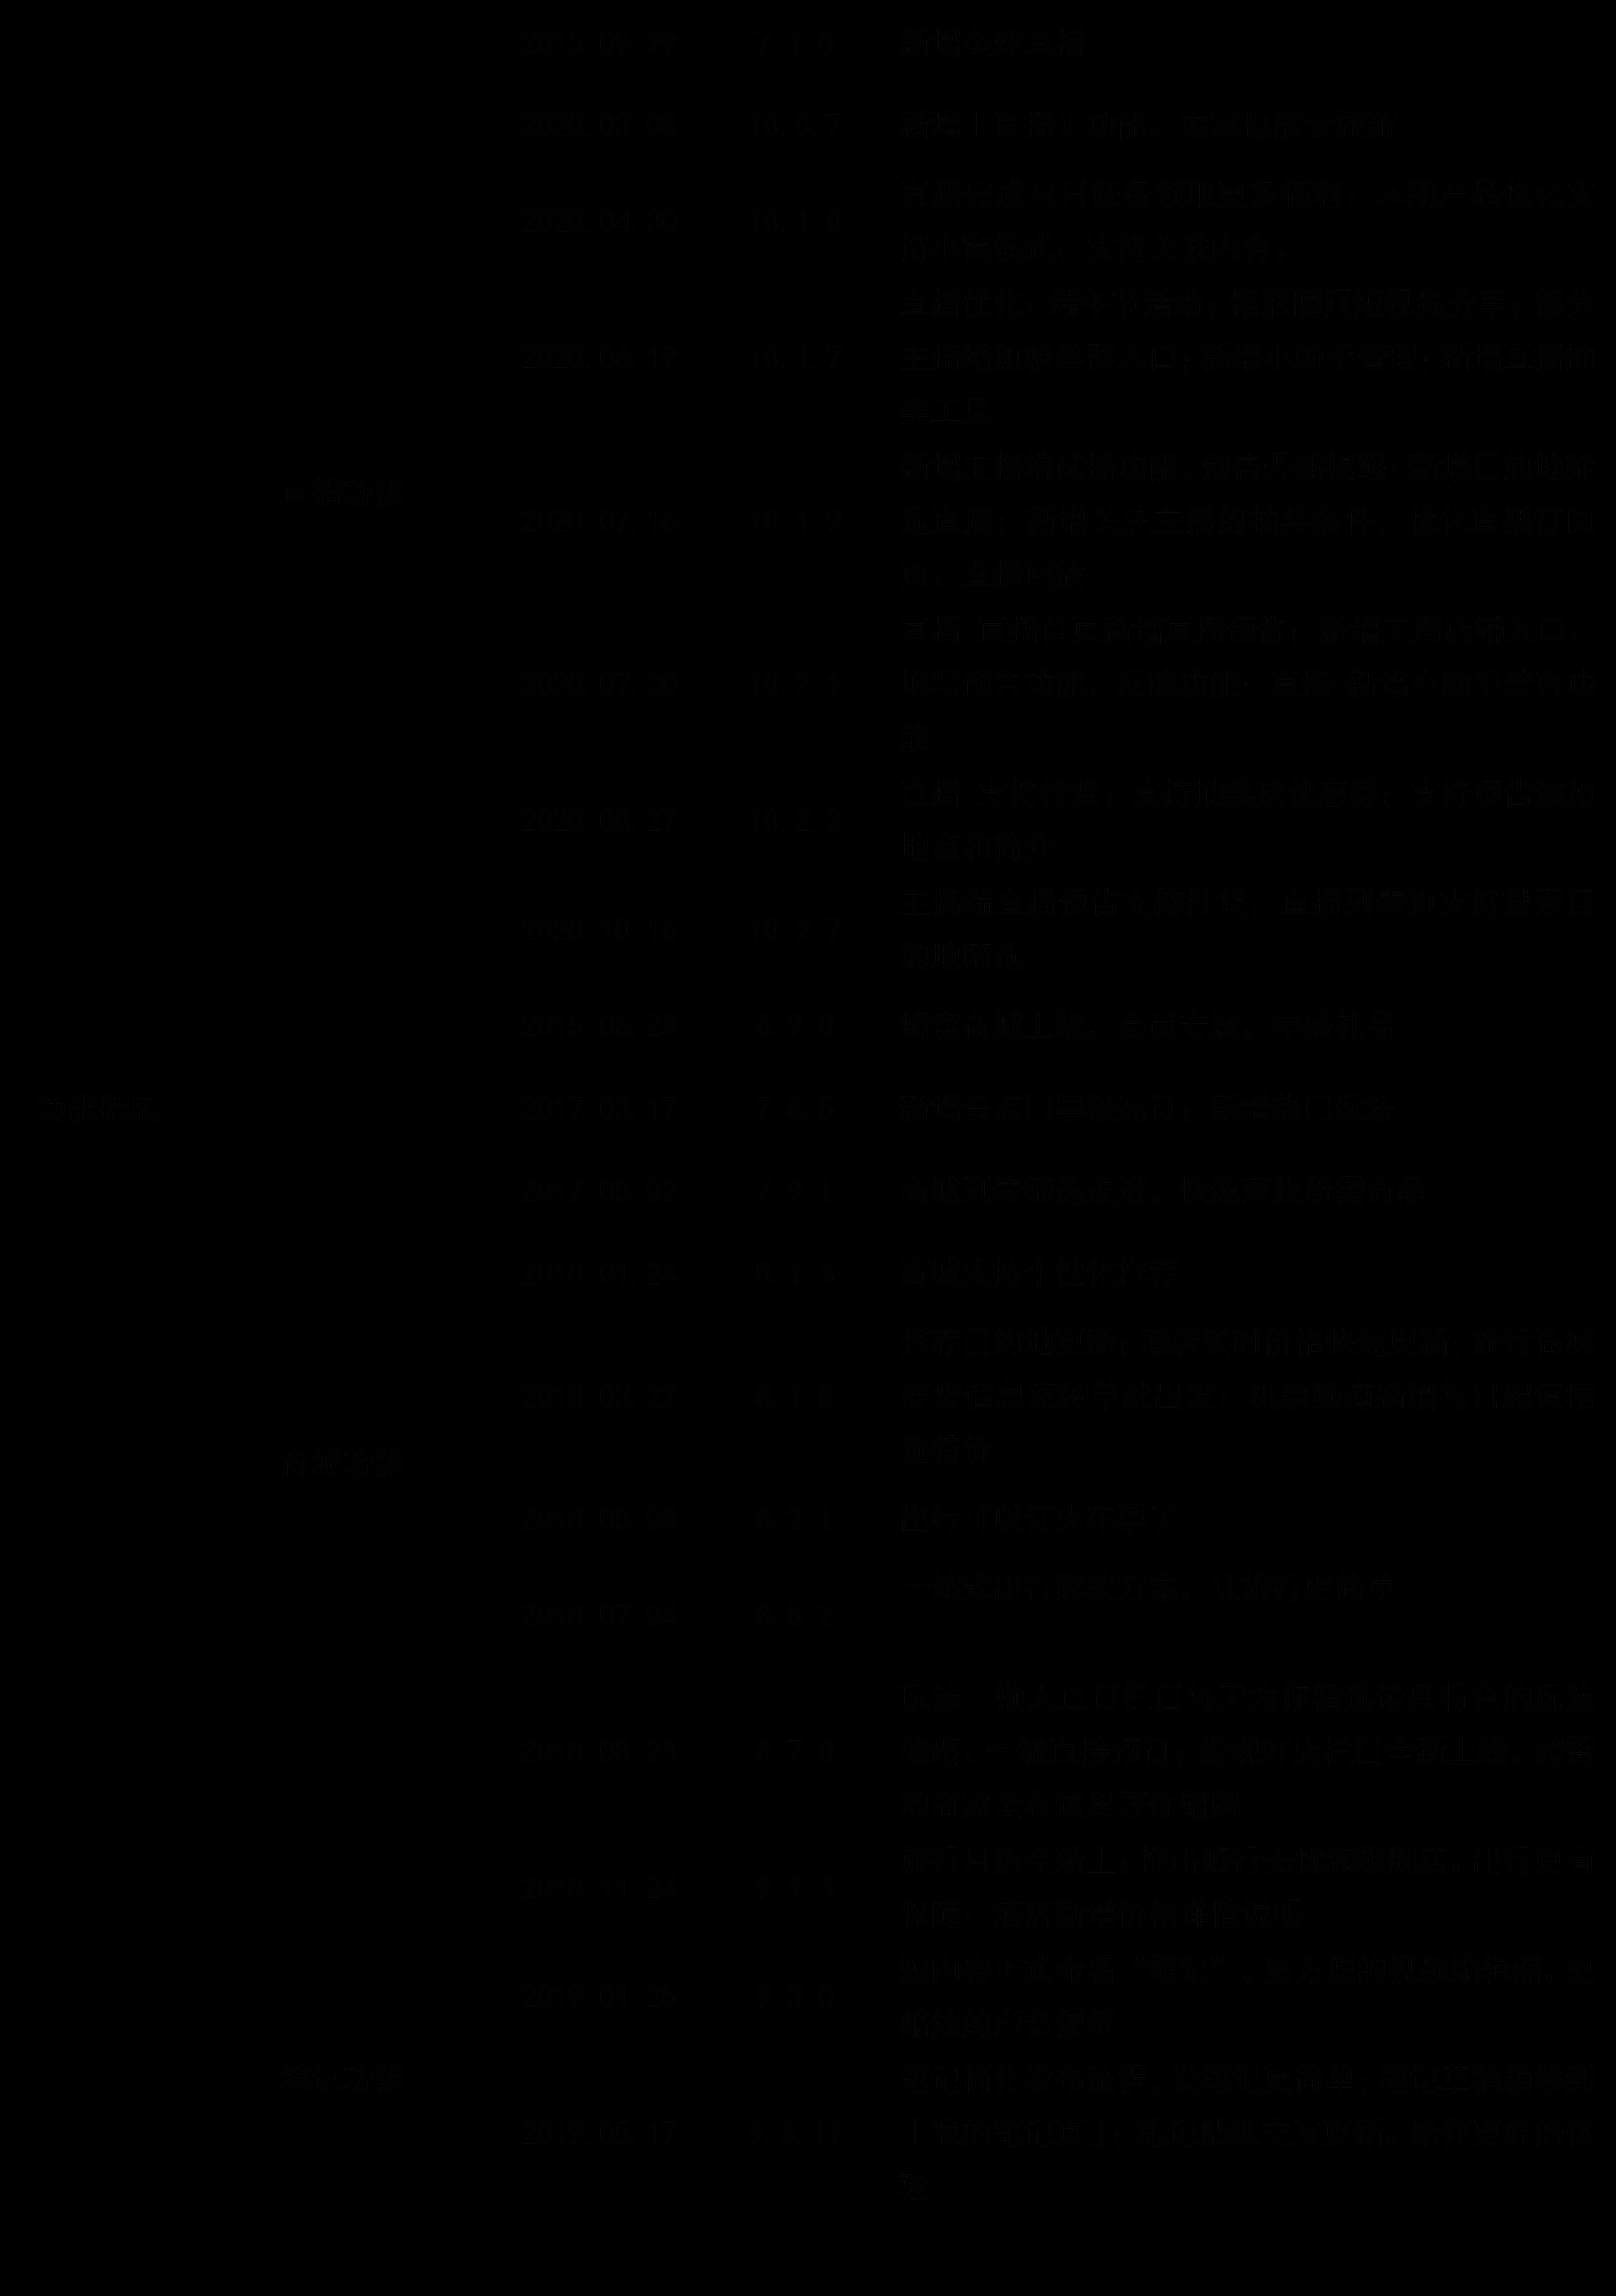 马蜂窝产品分析